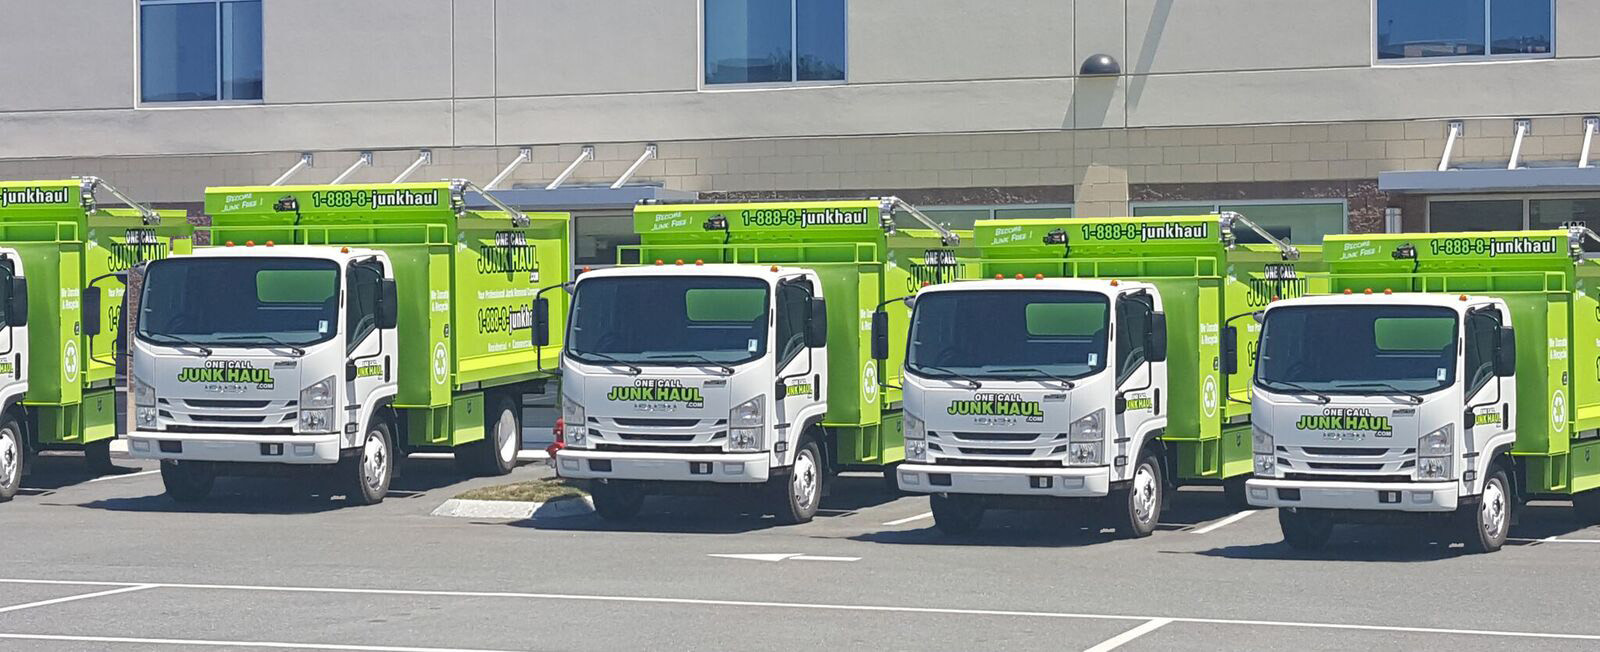 One Call Junk Haul Trucks